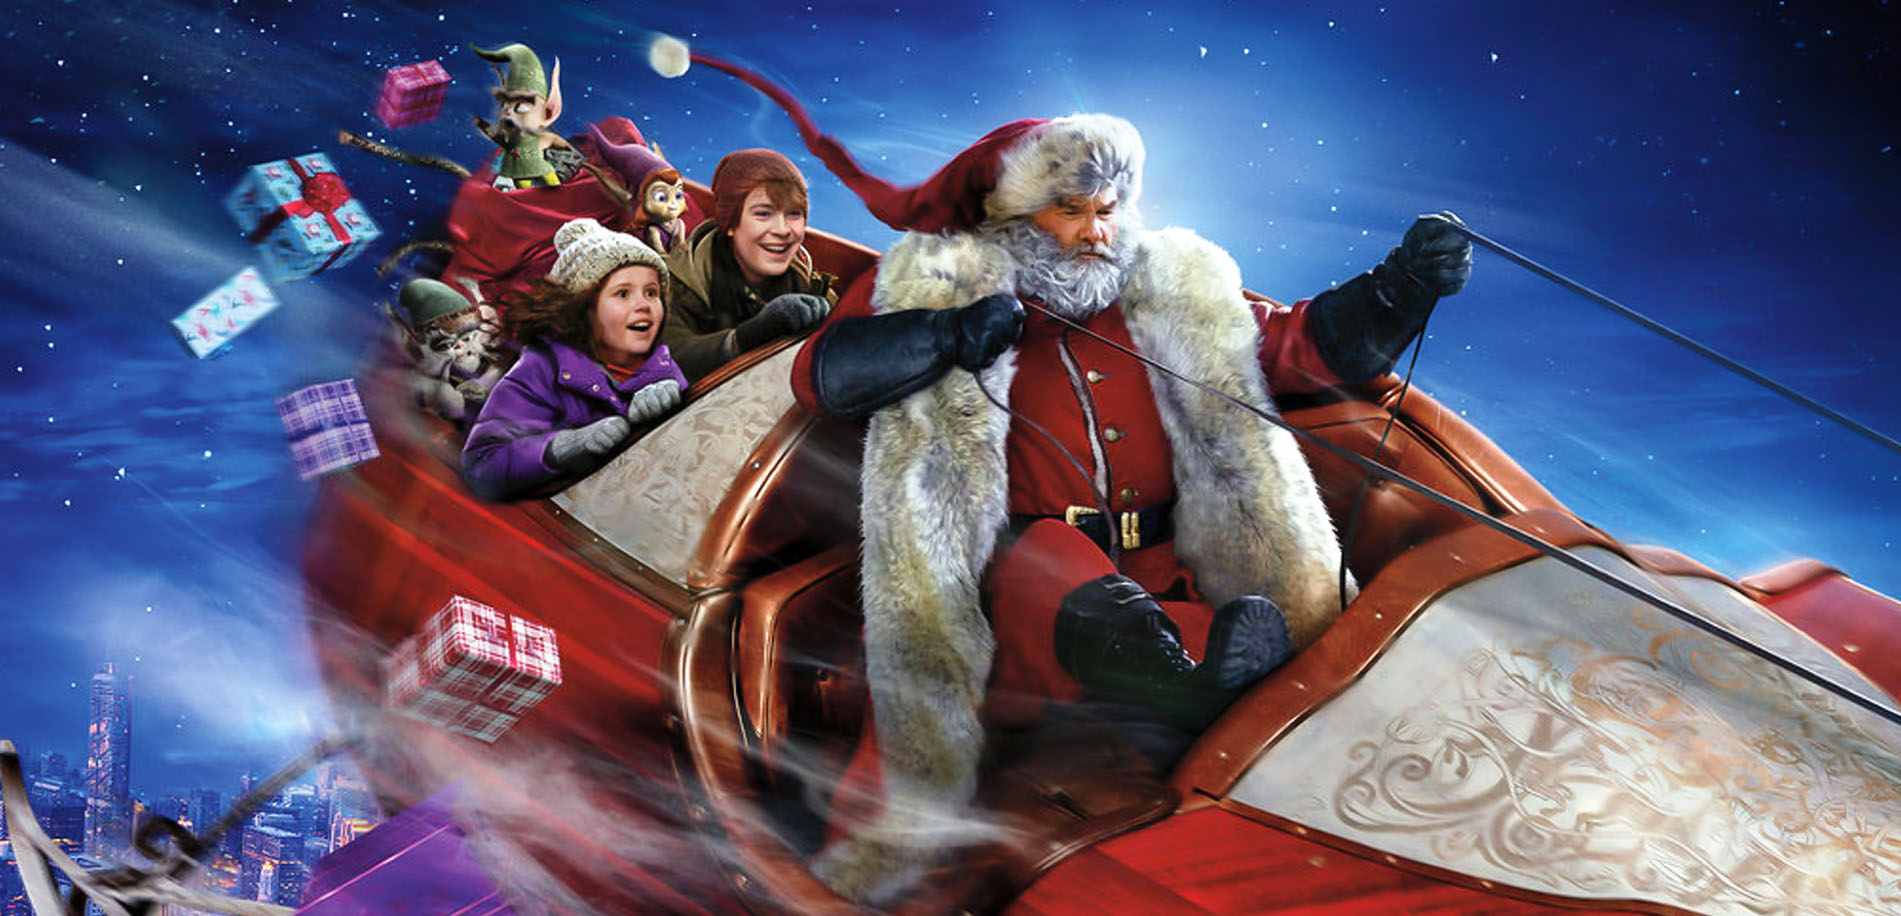 crónicas de navidad, netflix, crónicas de navidad 2